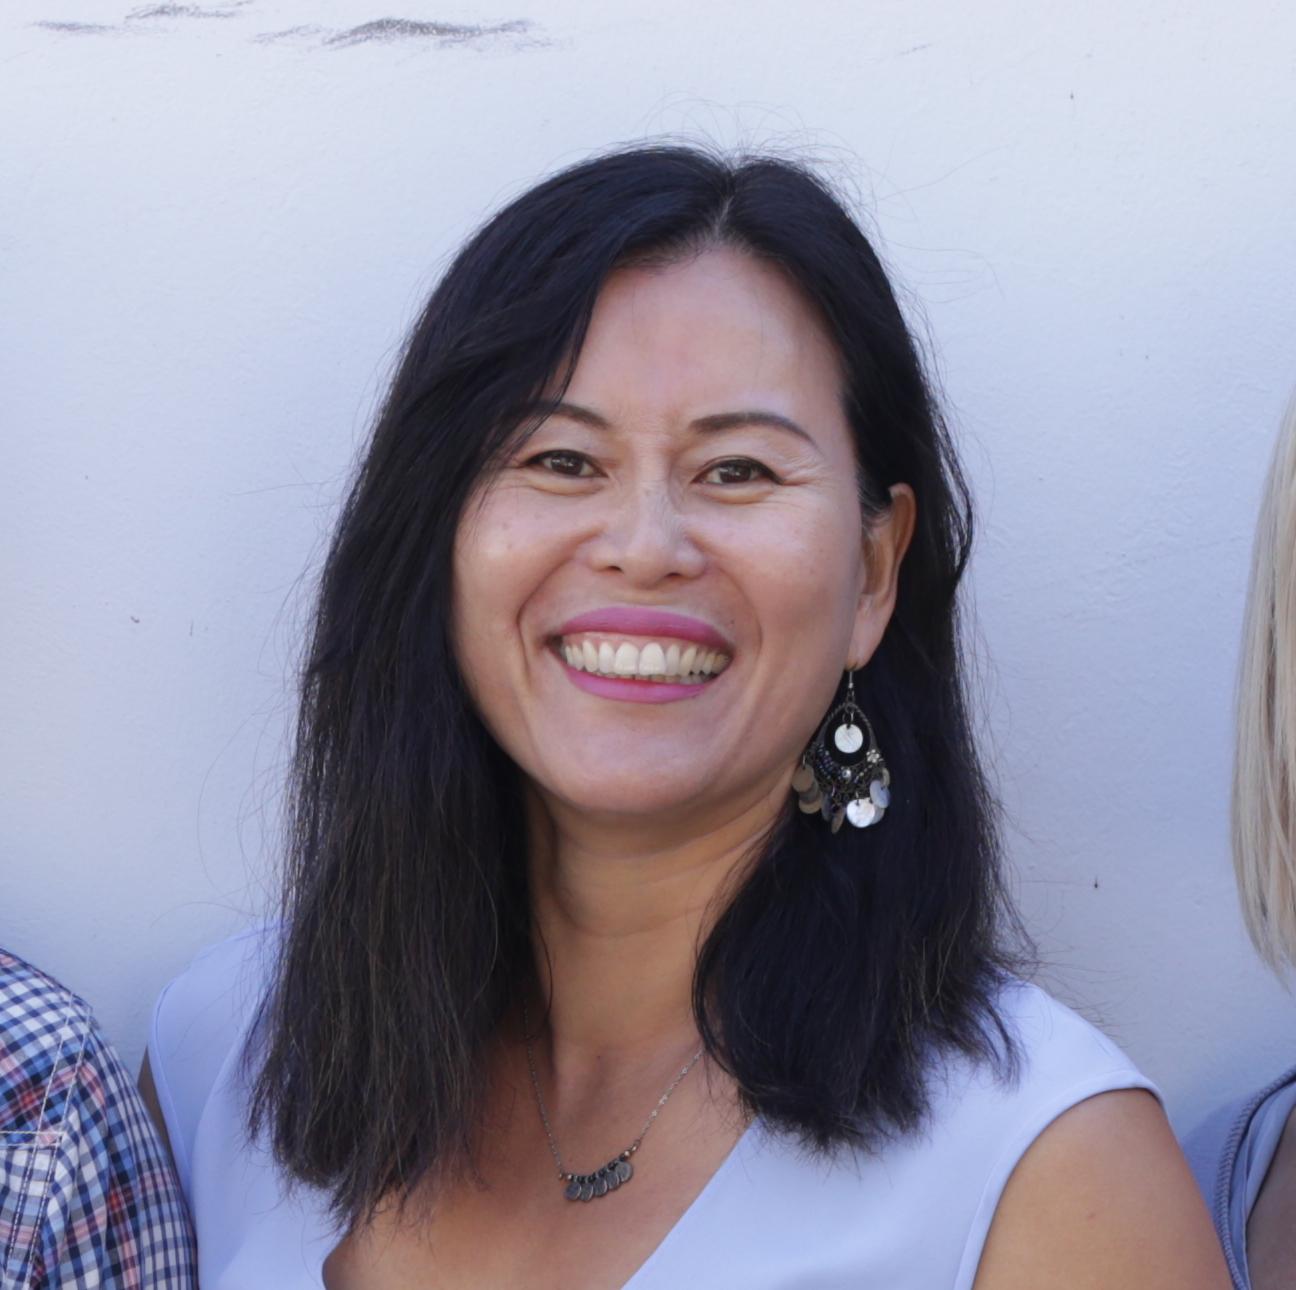 Cindy J Lin Founder of Hey Social Good